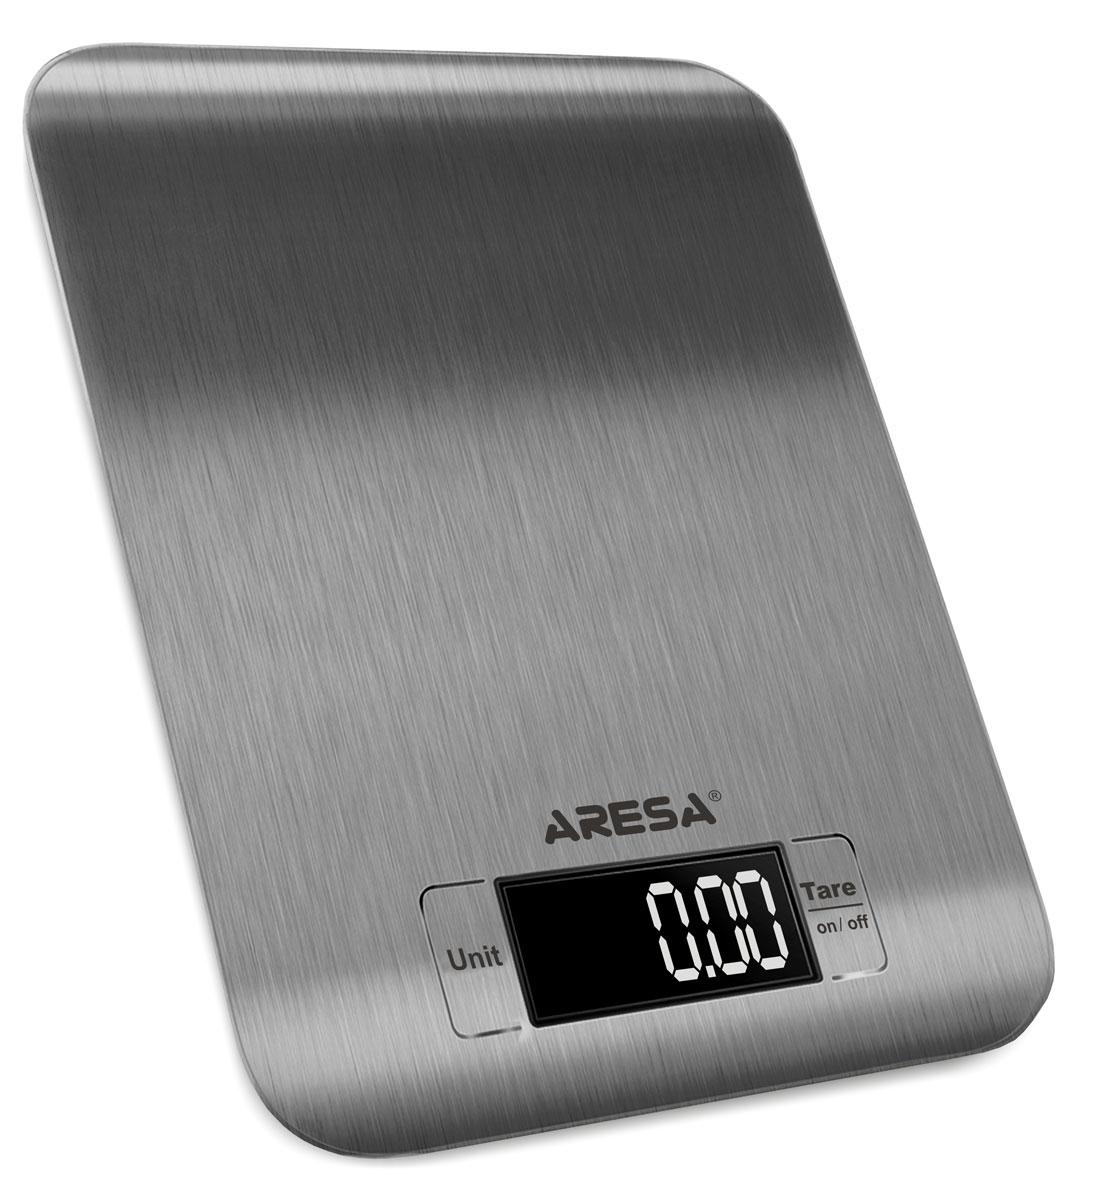 Aresa SK-408 кухонные весыSK-408Кухонные электронные весы Aresa SK-408 - незаменимые помощники современной хозяйки. Они помогут точно взвесить любые продукты и ингредиенты. Кроме того, позволят людям, соблюдающим диету, контролировать количество съедаемой пищи и размеры порций. Предназначены для взвешивания продуктов с точностью измерения 1 грамм.Минимальная нагрузка: 5 г